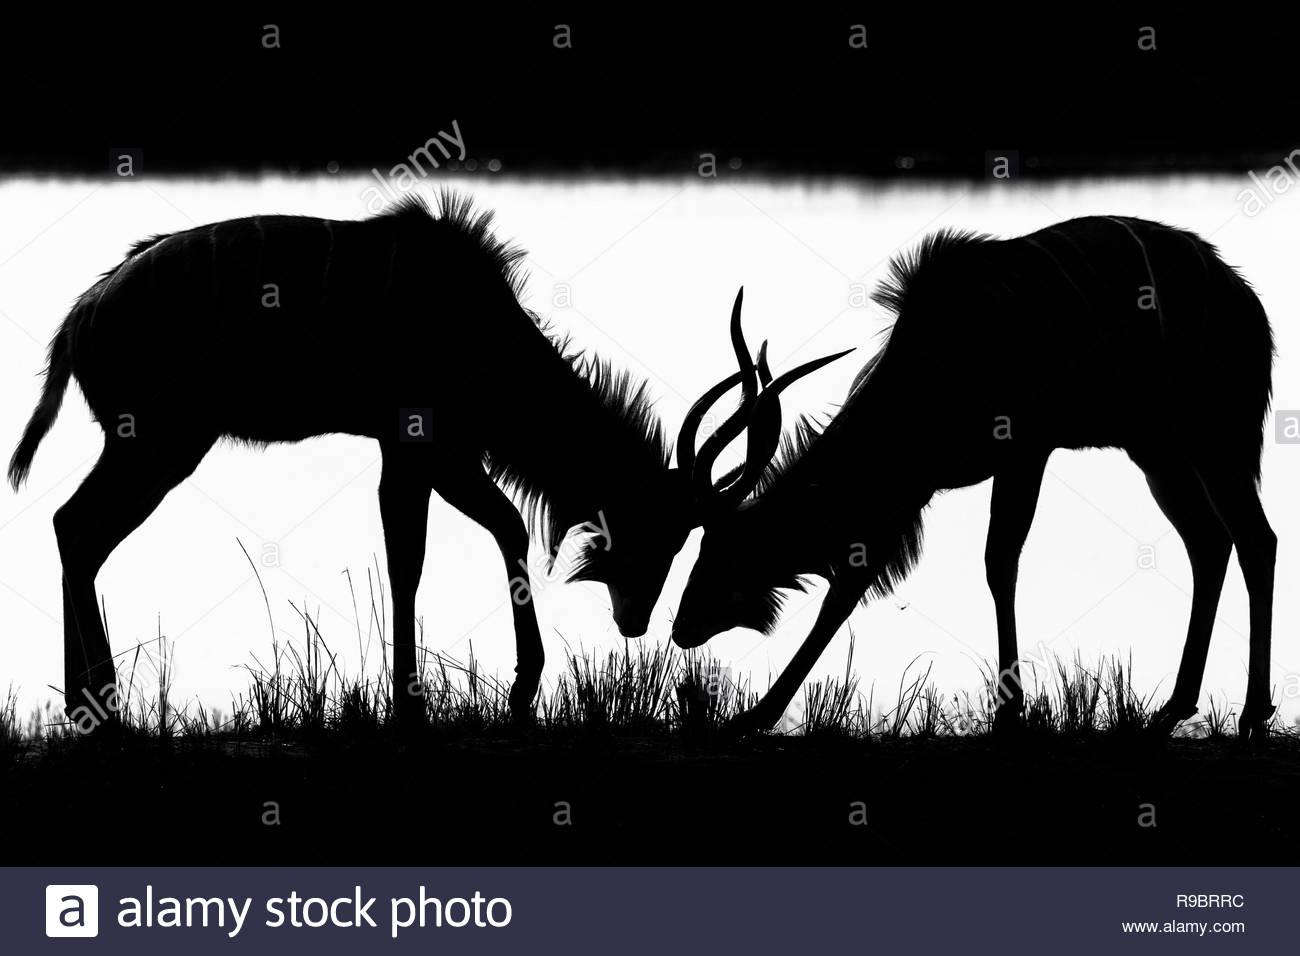 Greater kudu (Tragelaphus strepsiceros) young males sparring, Chobe national park, Botswana - Stock Image